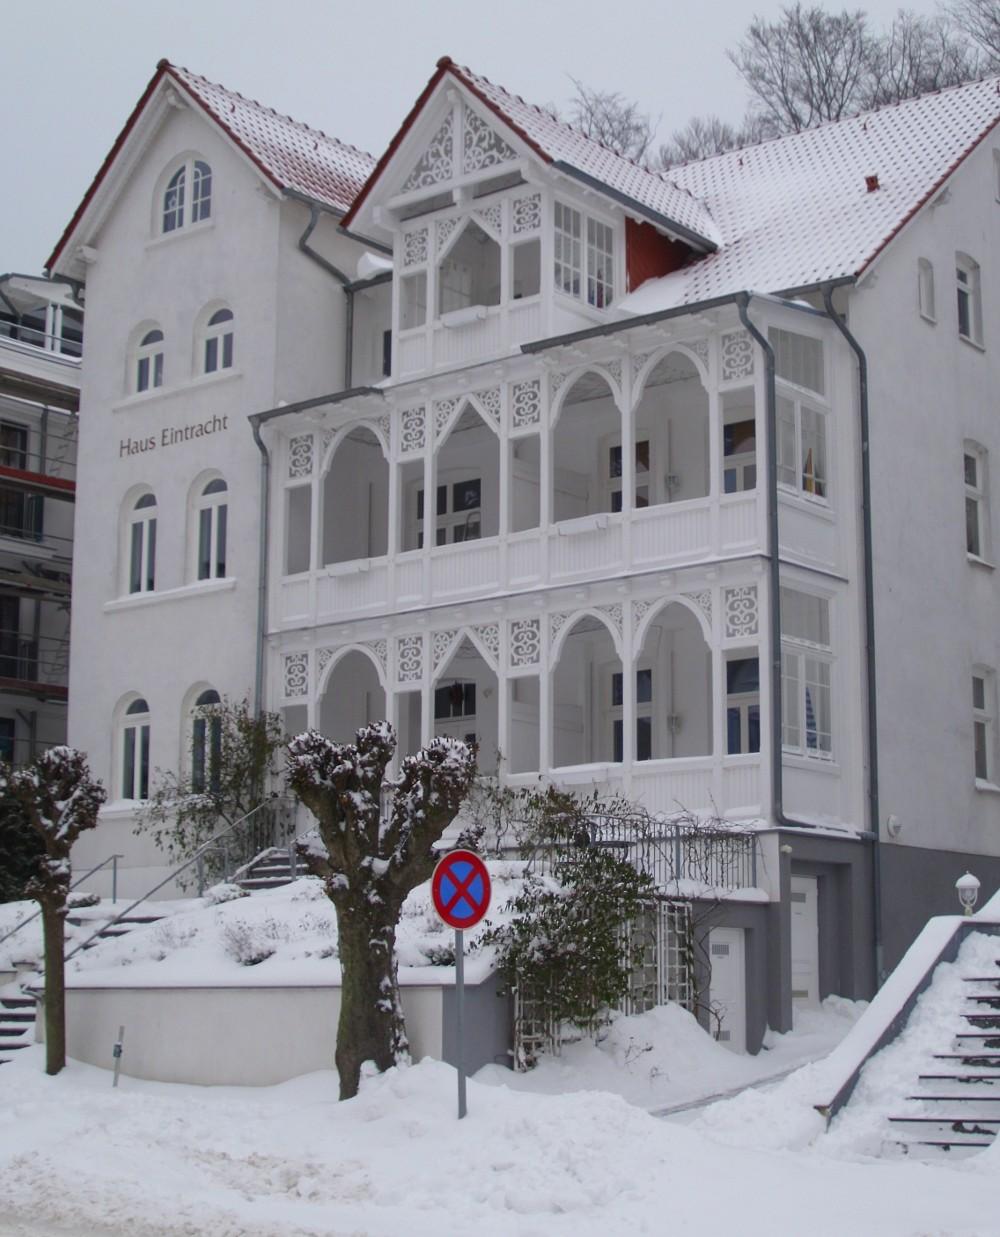 Haus eintracht blog allgemein for Apartments haus eintracht sellin